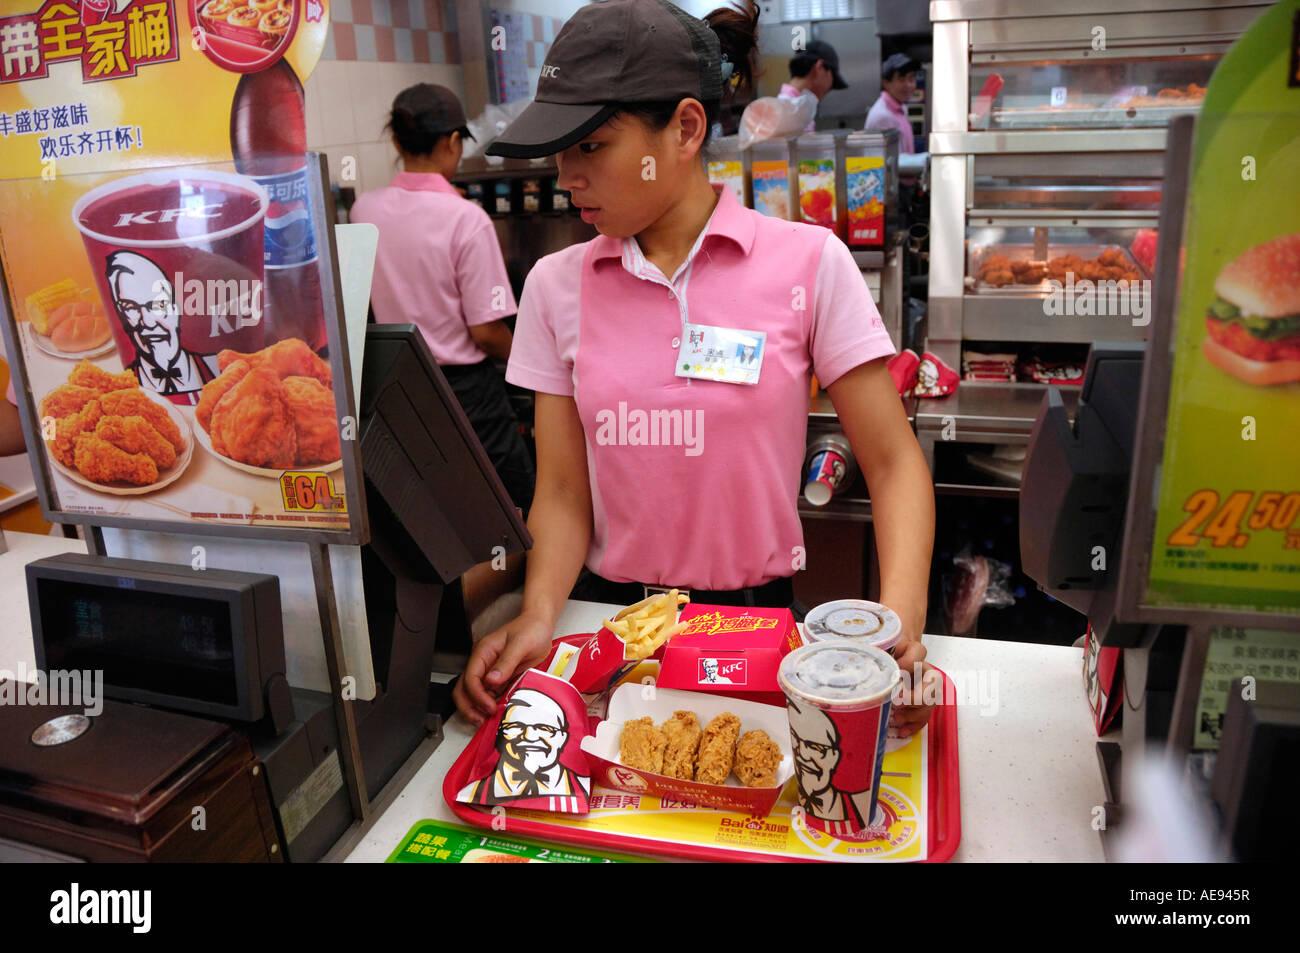 Tianjin Food Stock Photos & Tianjin Food Stock Images - Alamy